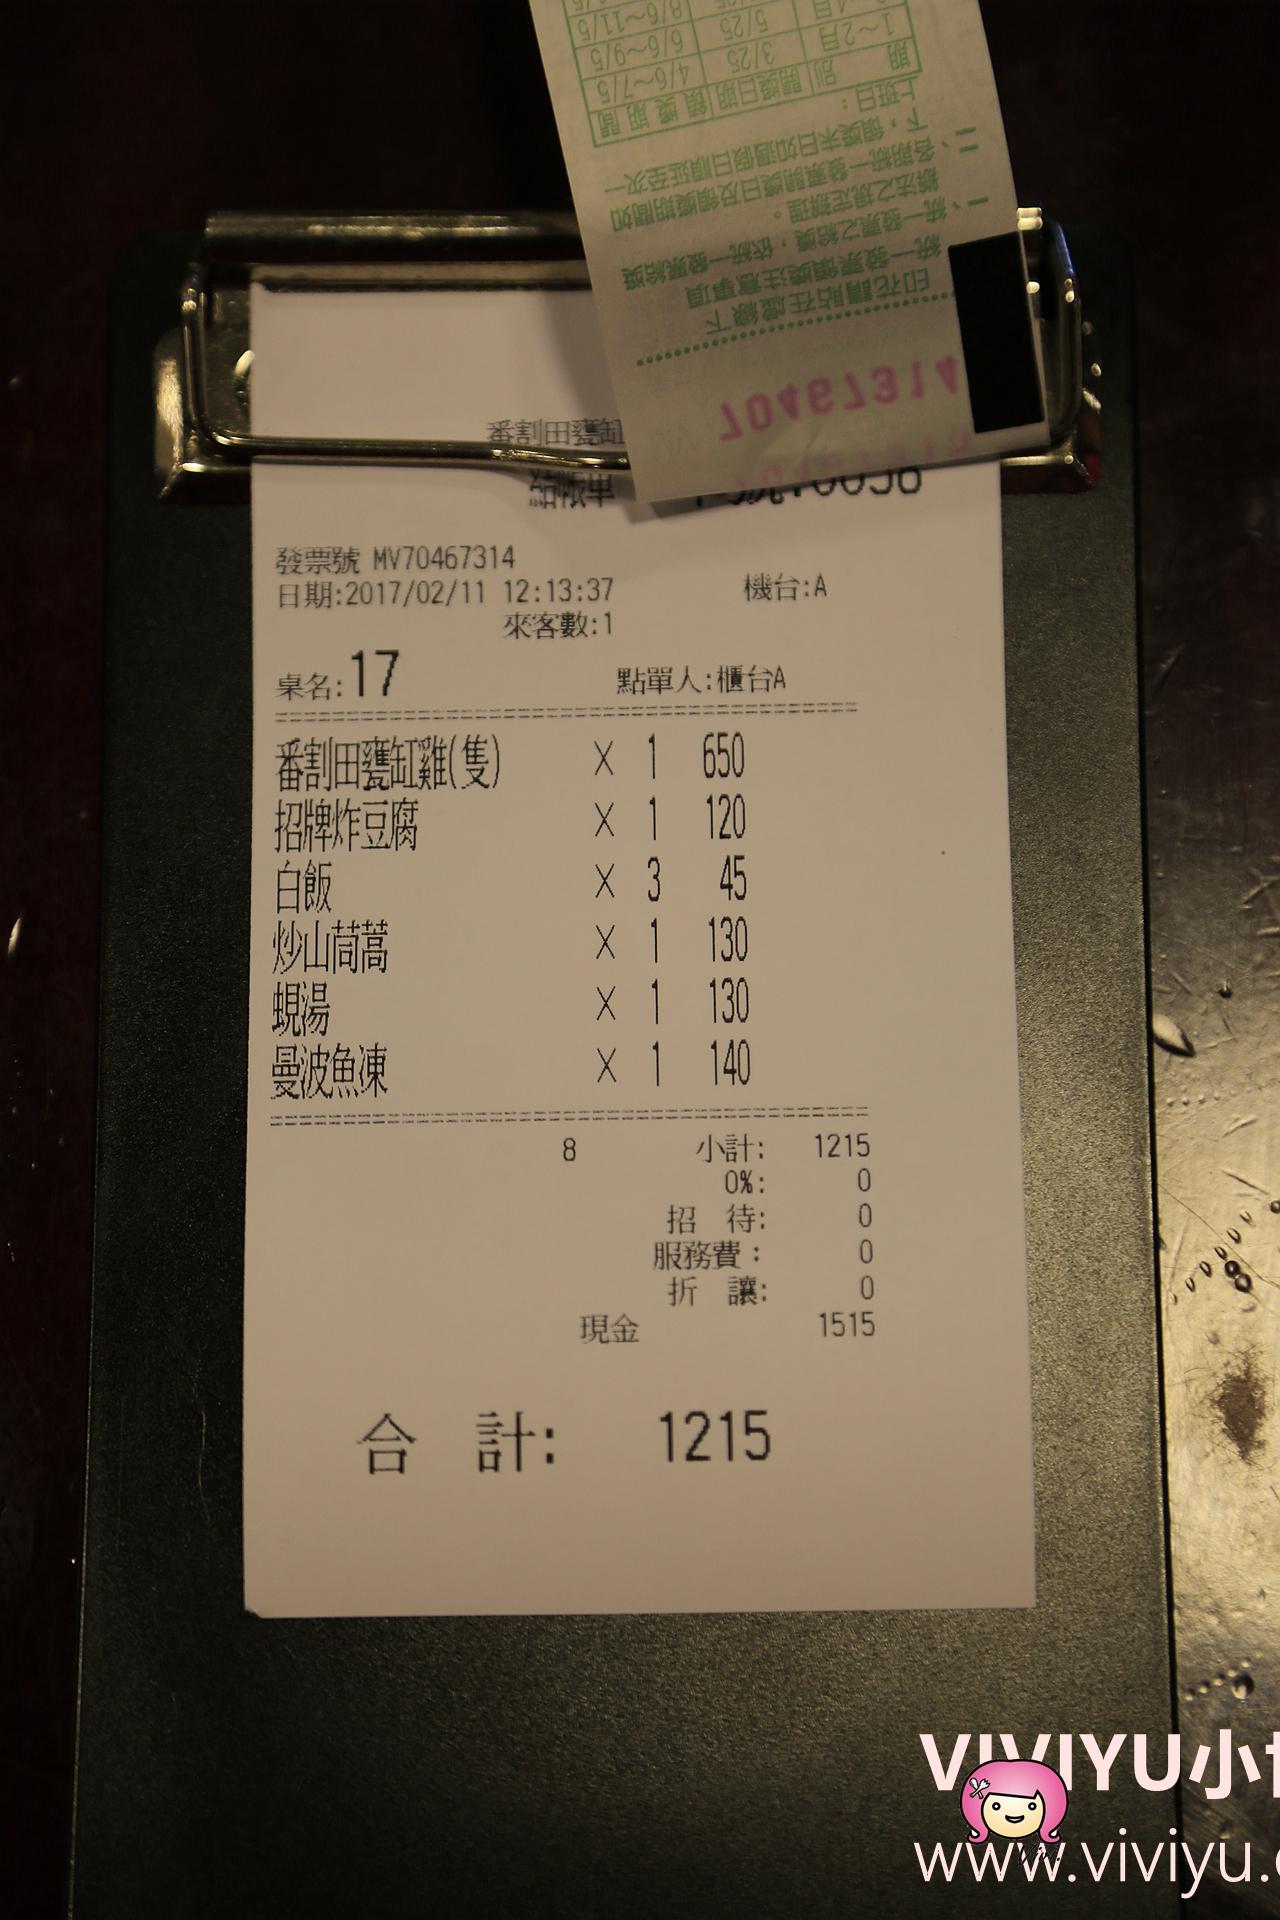 [宜蘭.美食]番割田甕缸雞.喬遷至蘇澳新店~場地更大.點餐流暢.青菜選擇多 @VIVIYU小世界